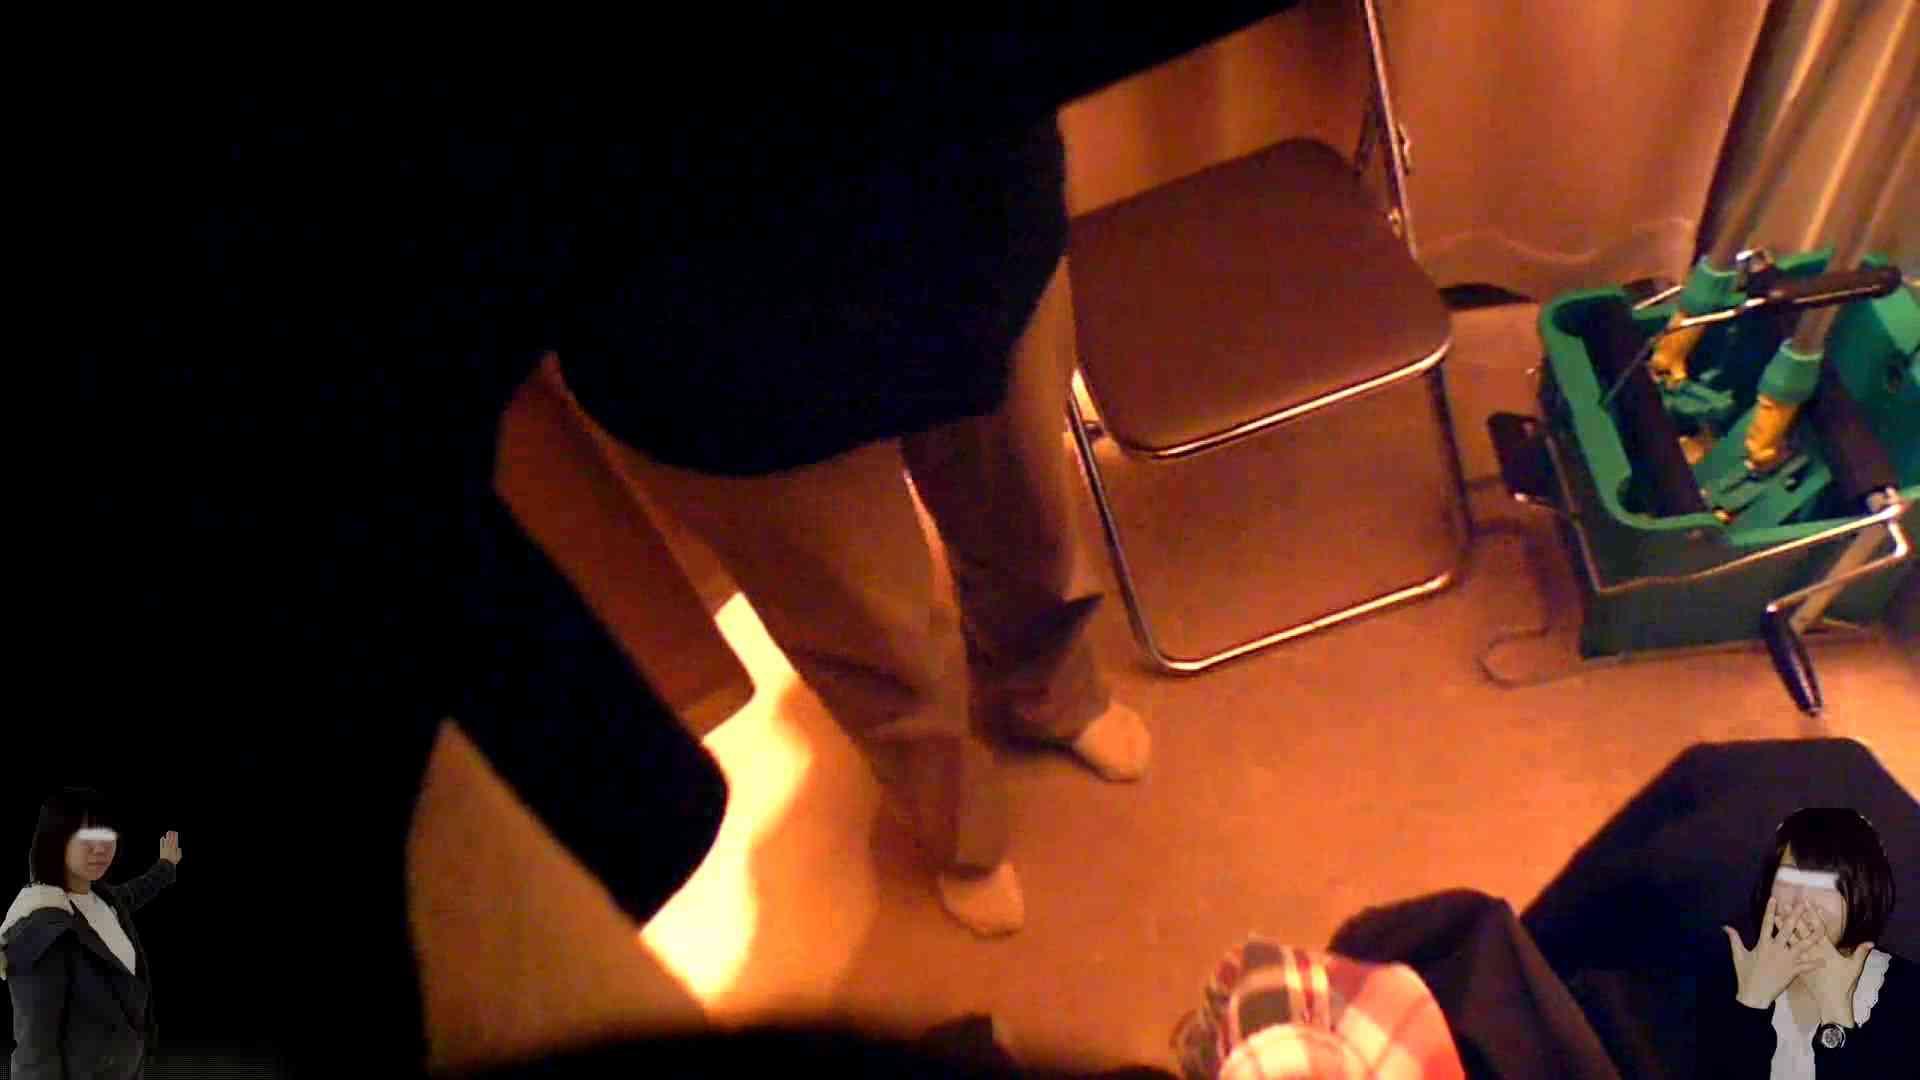 素人投稿 現役「JD」Eちゃんの着替え Vol.04 美しいOLの裸体  107pic 32